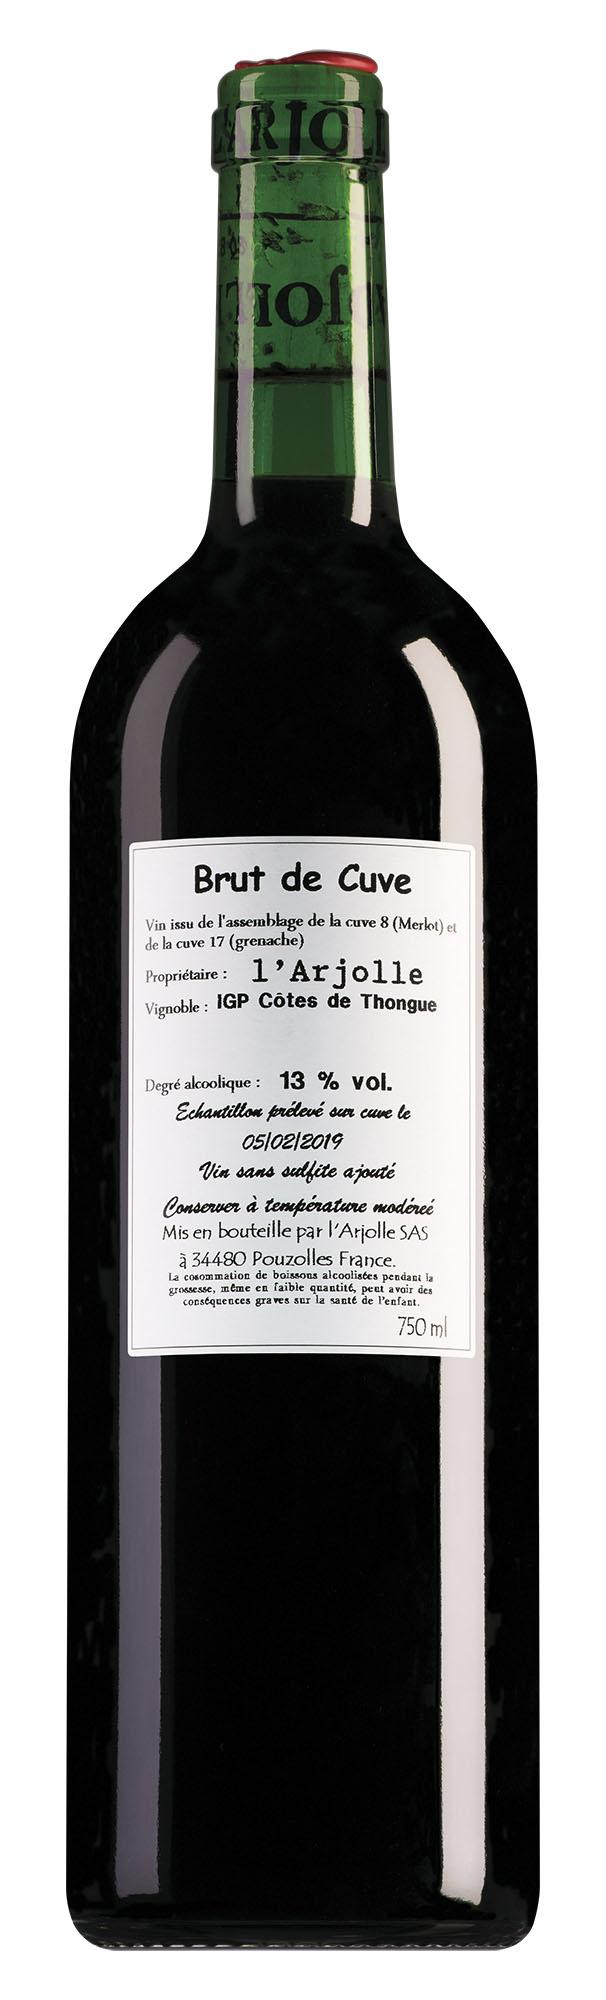 Domaine de l'Arjolle Côtes de Thongue Brut de Cuve